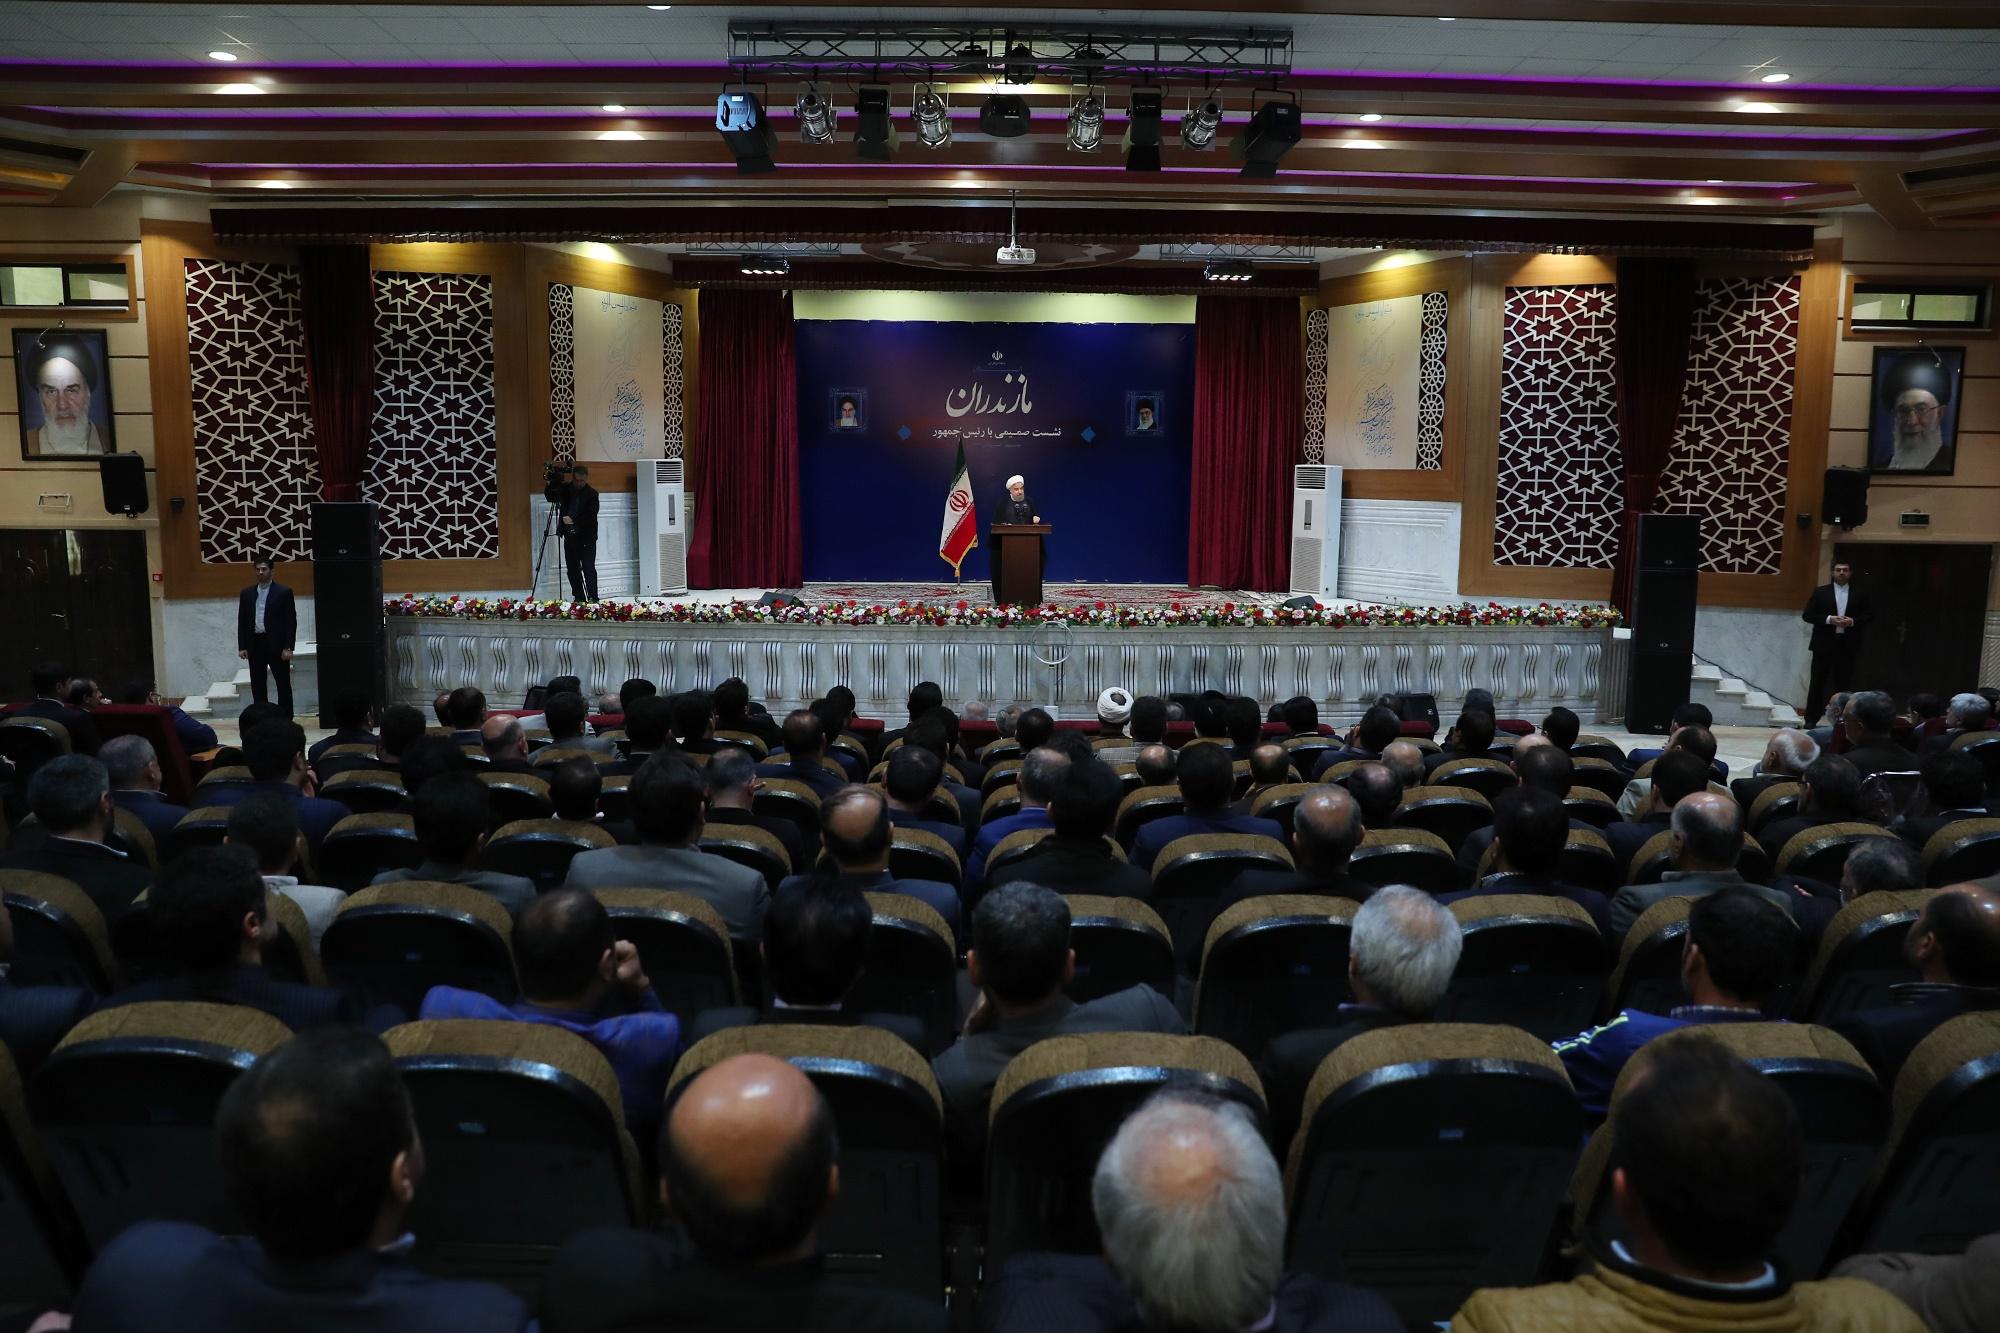 توصیه انتخاباتی روحانی: در روز سرنوشت بیتفاوت نباشیم